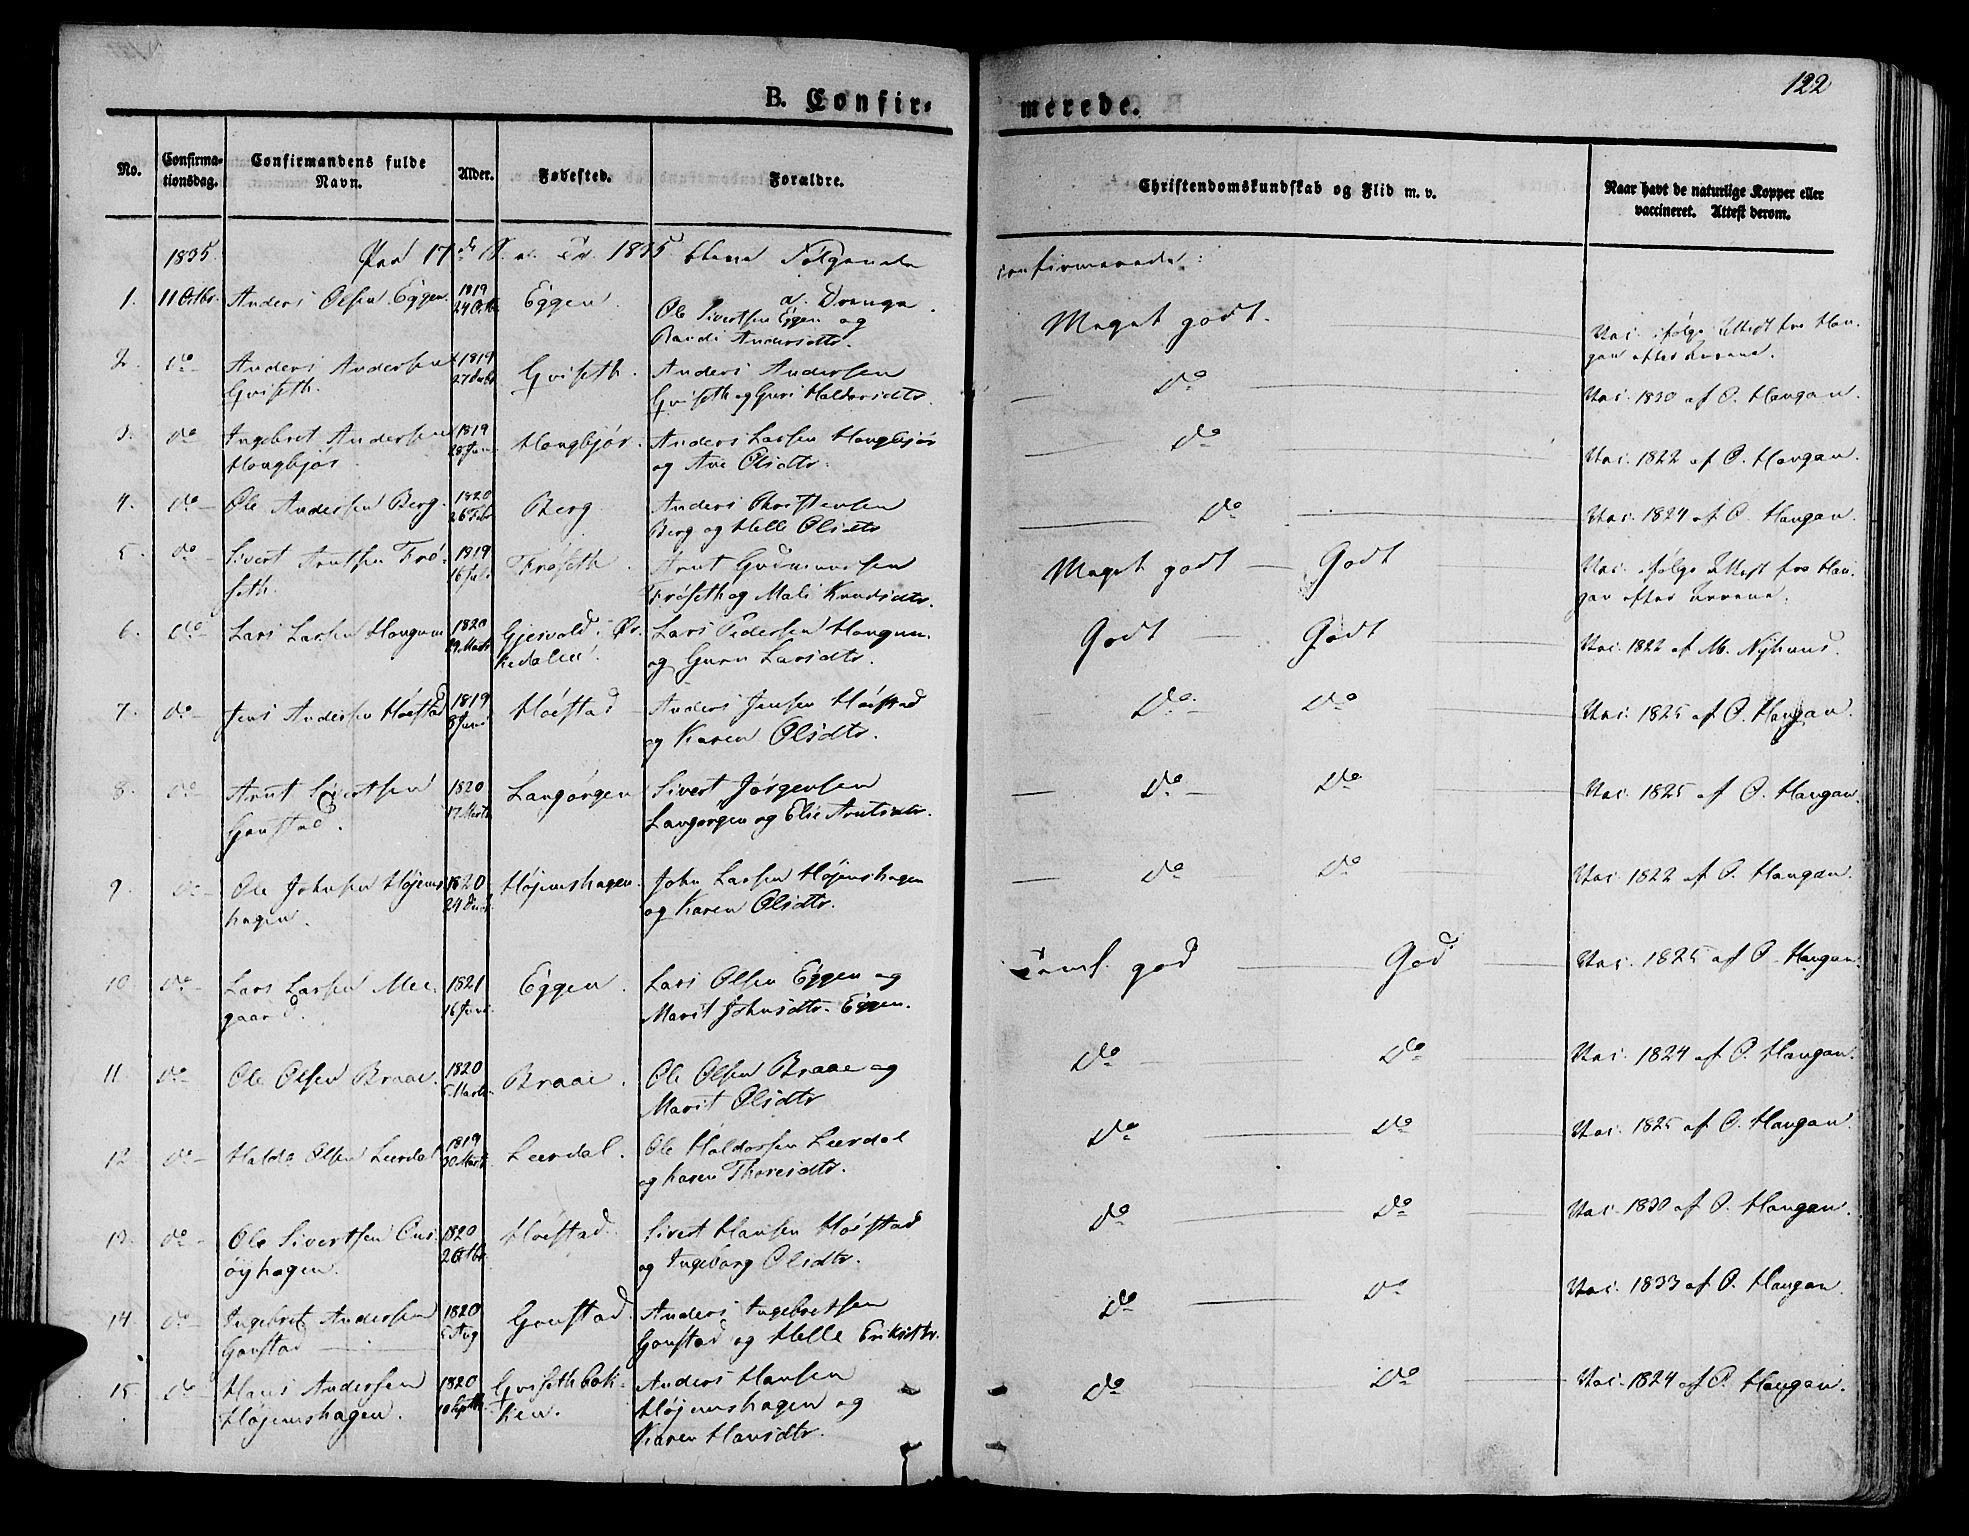 SAT, Ministerialprotokoller, klokkerbøker og fødselsregistre - Sør-Trøndelag, 612/L0374: Ministerialbok nr. 612A07 /1, 1829-1845, s. 122